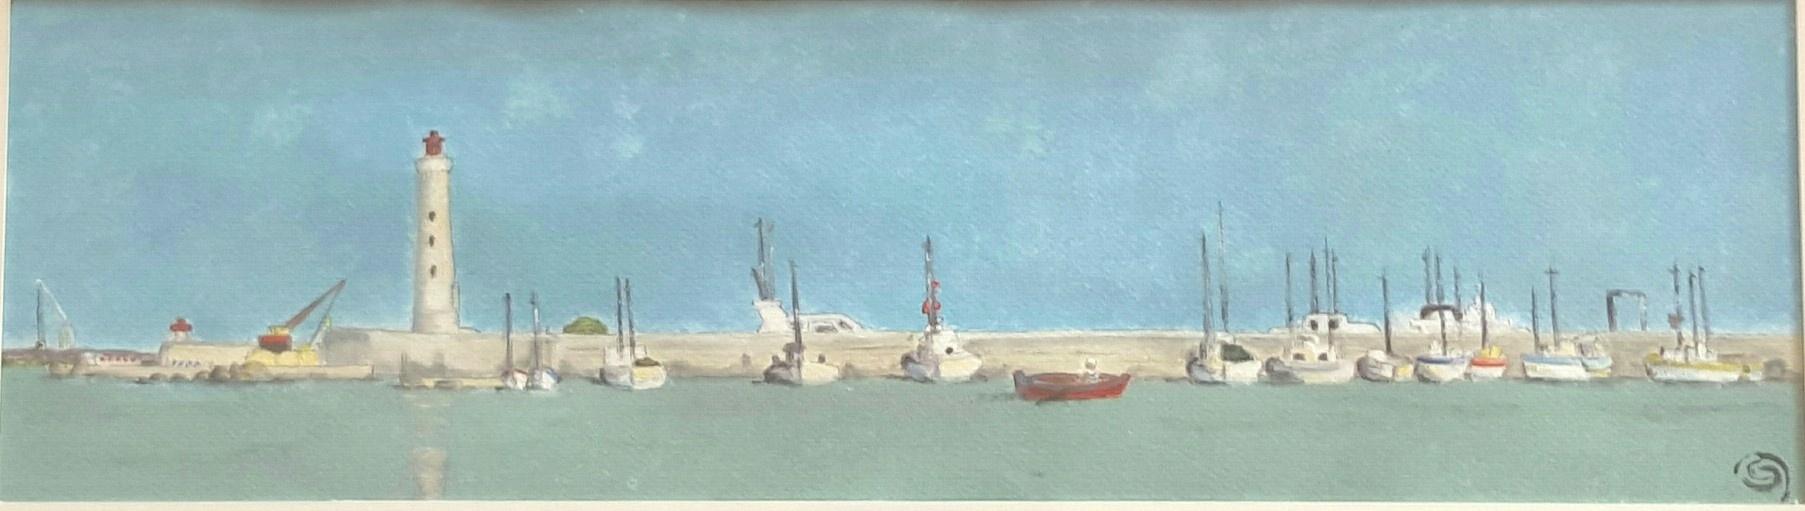 La p'tite galerie des miss terre rieuses – nouvelles exposition peinture – avril/mai 2016 – montpellier